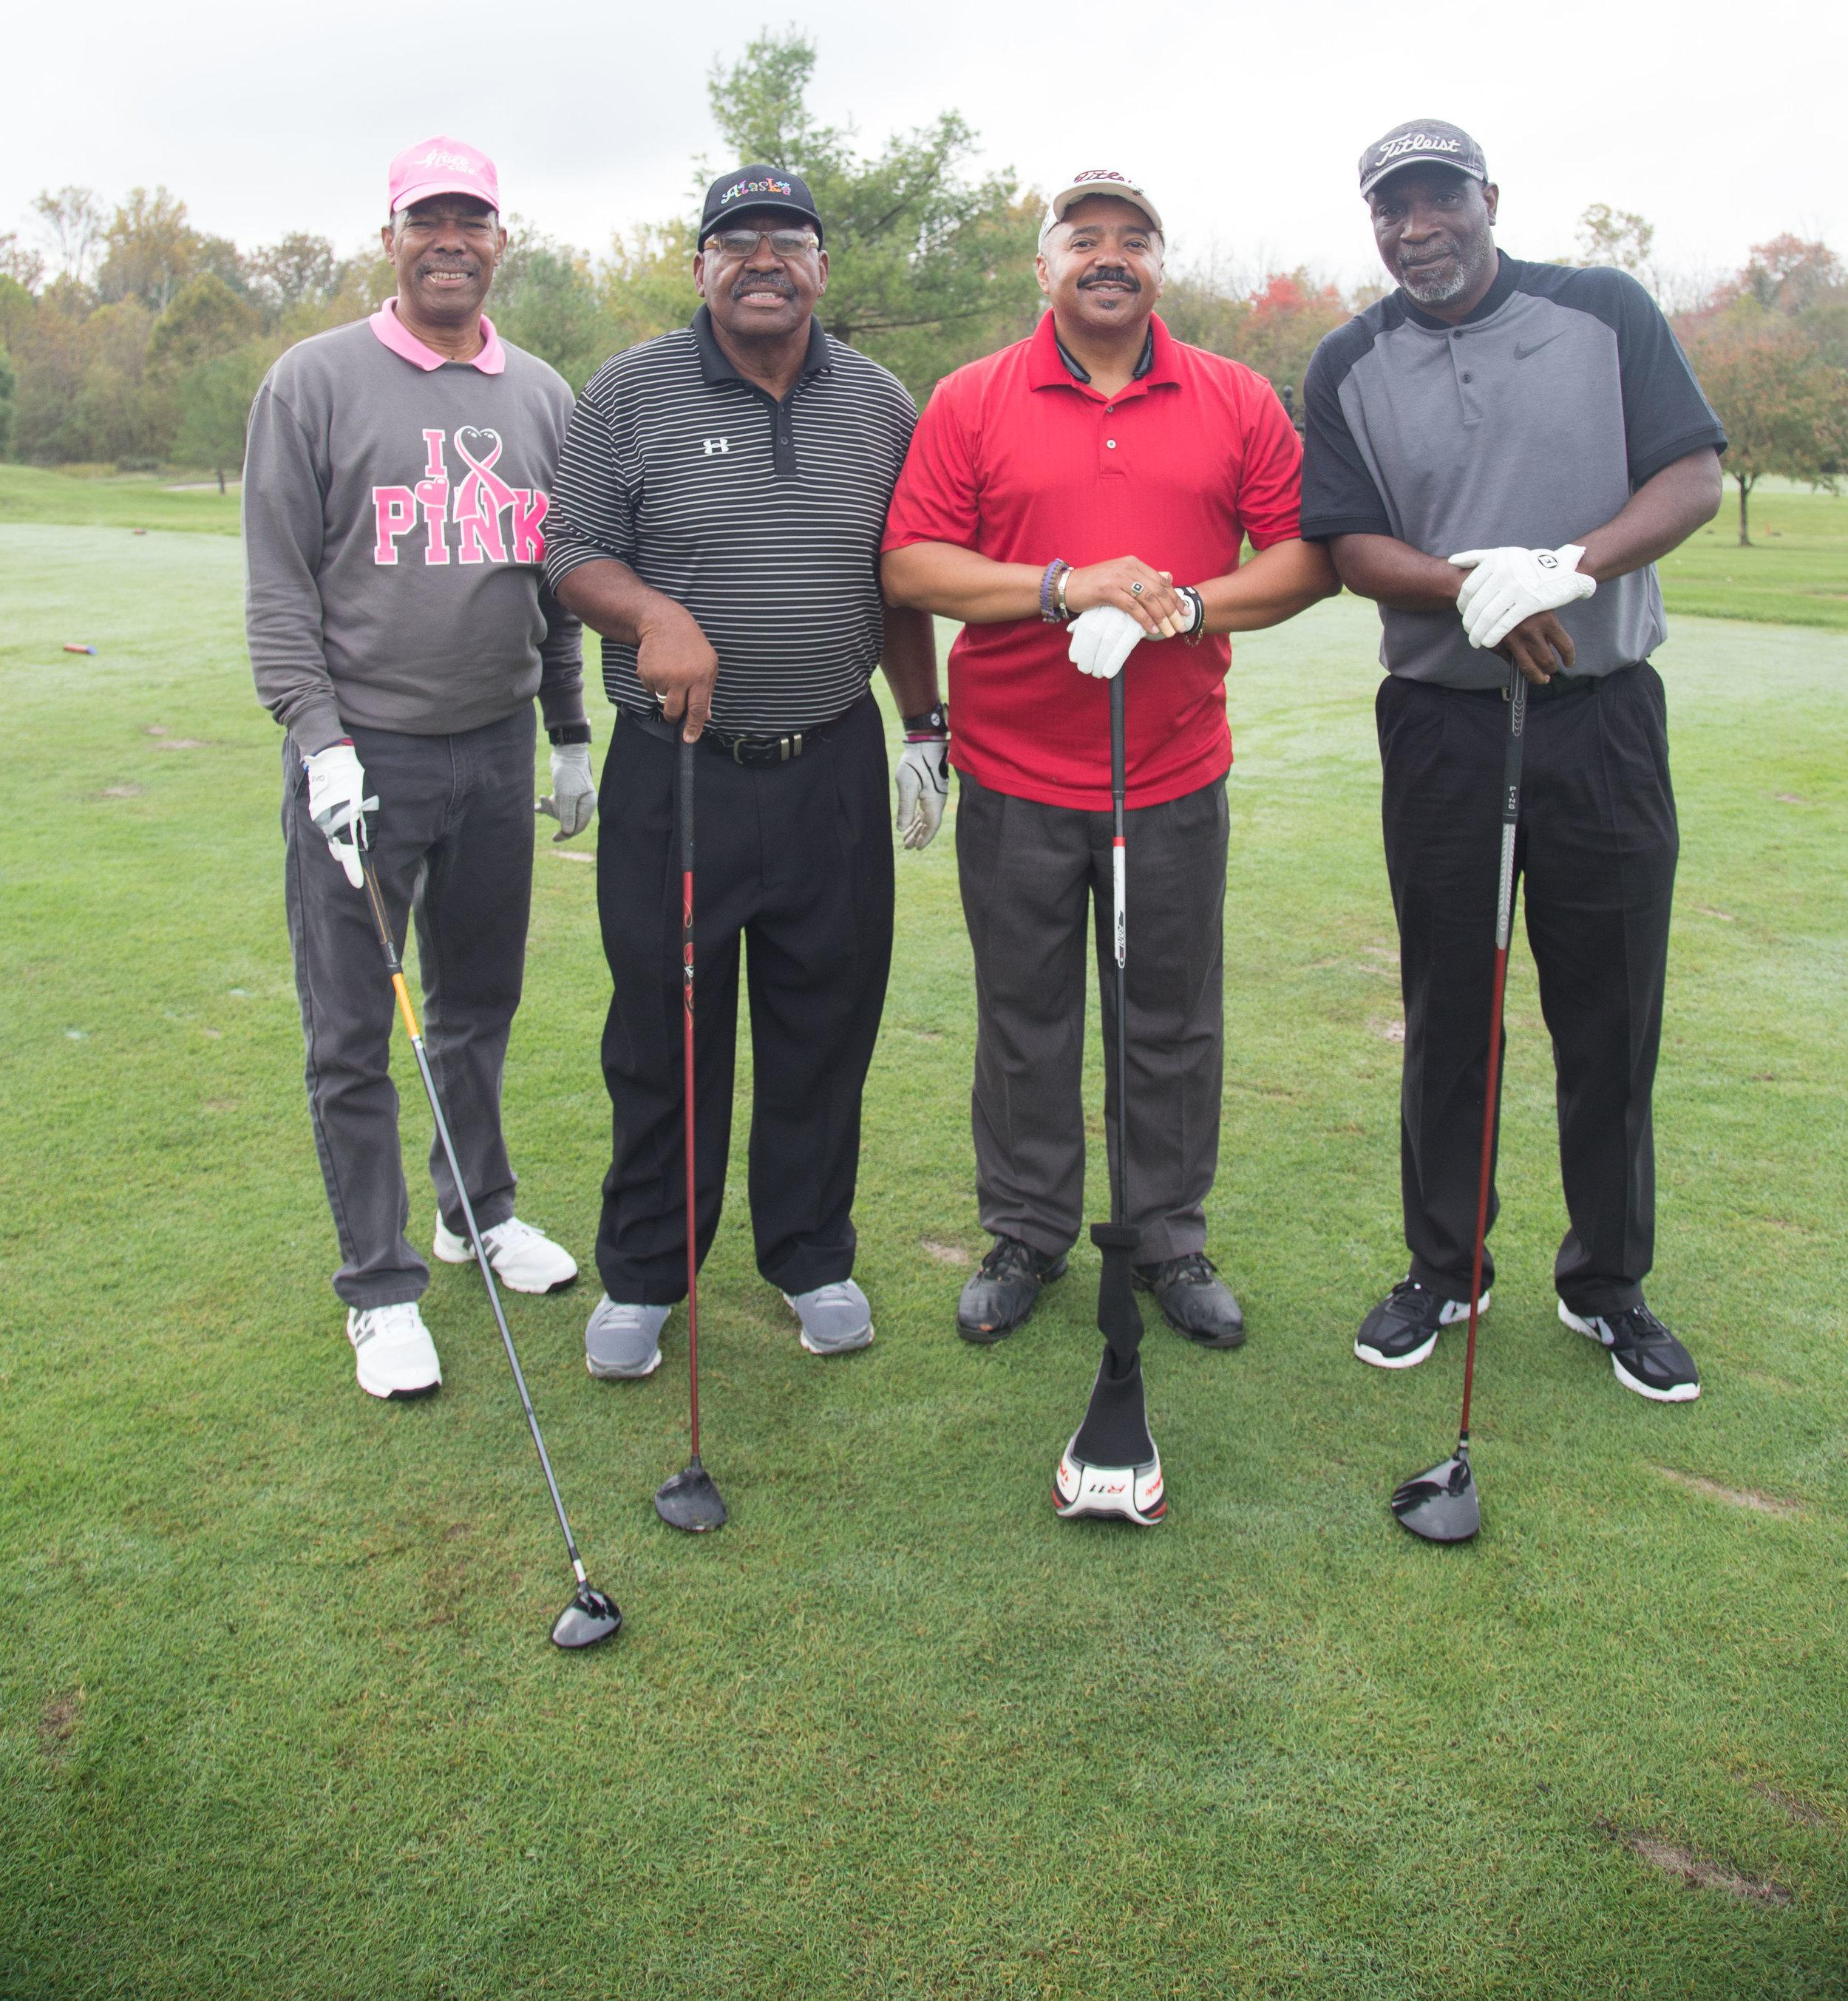 golftournie2017-39.jpg